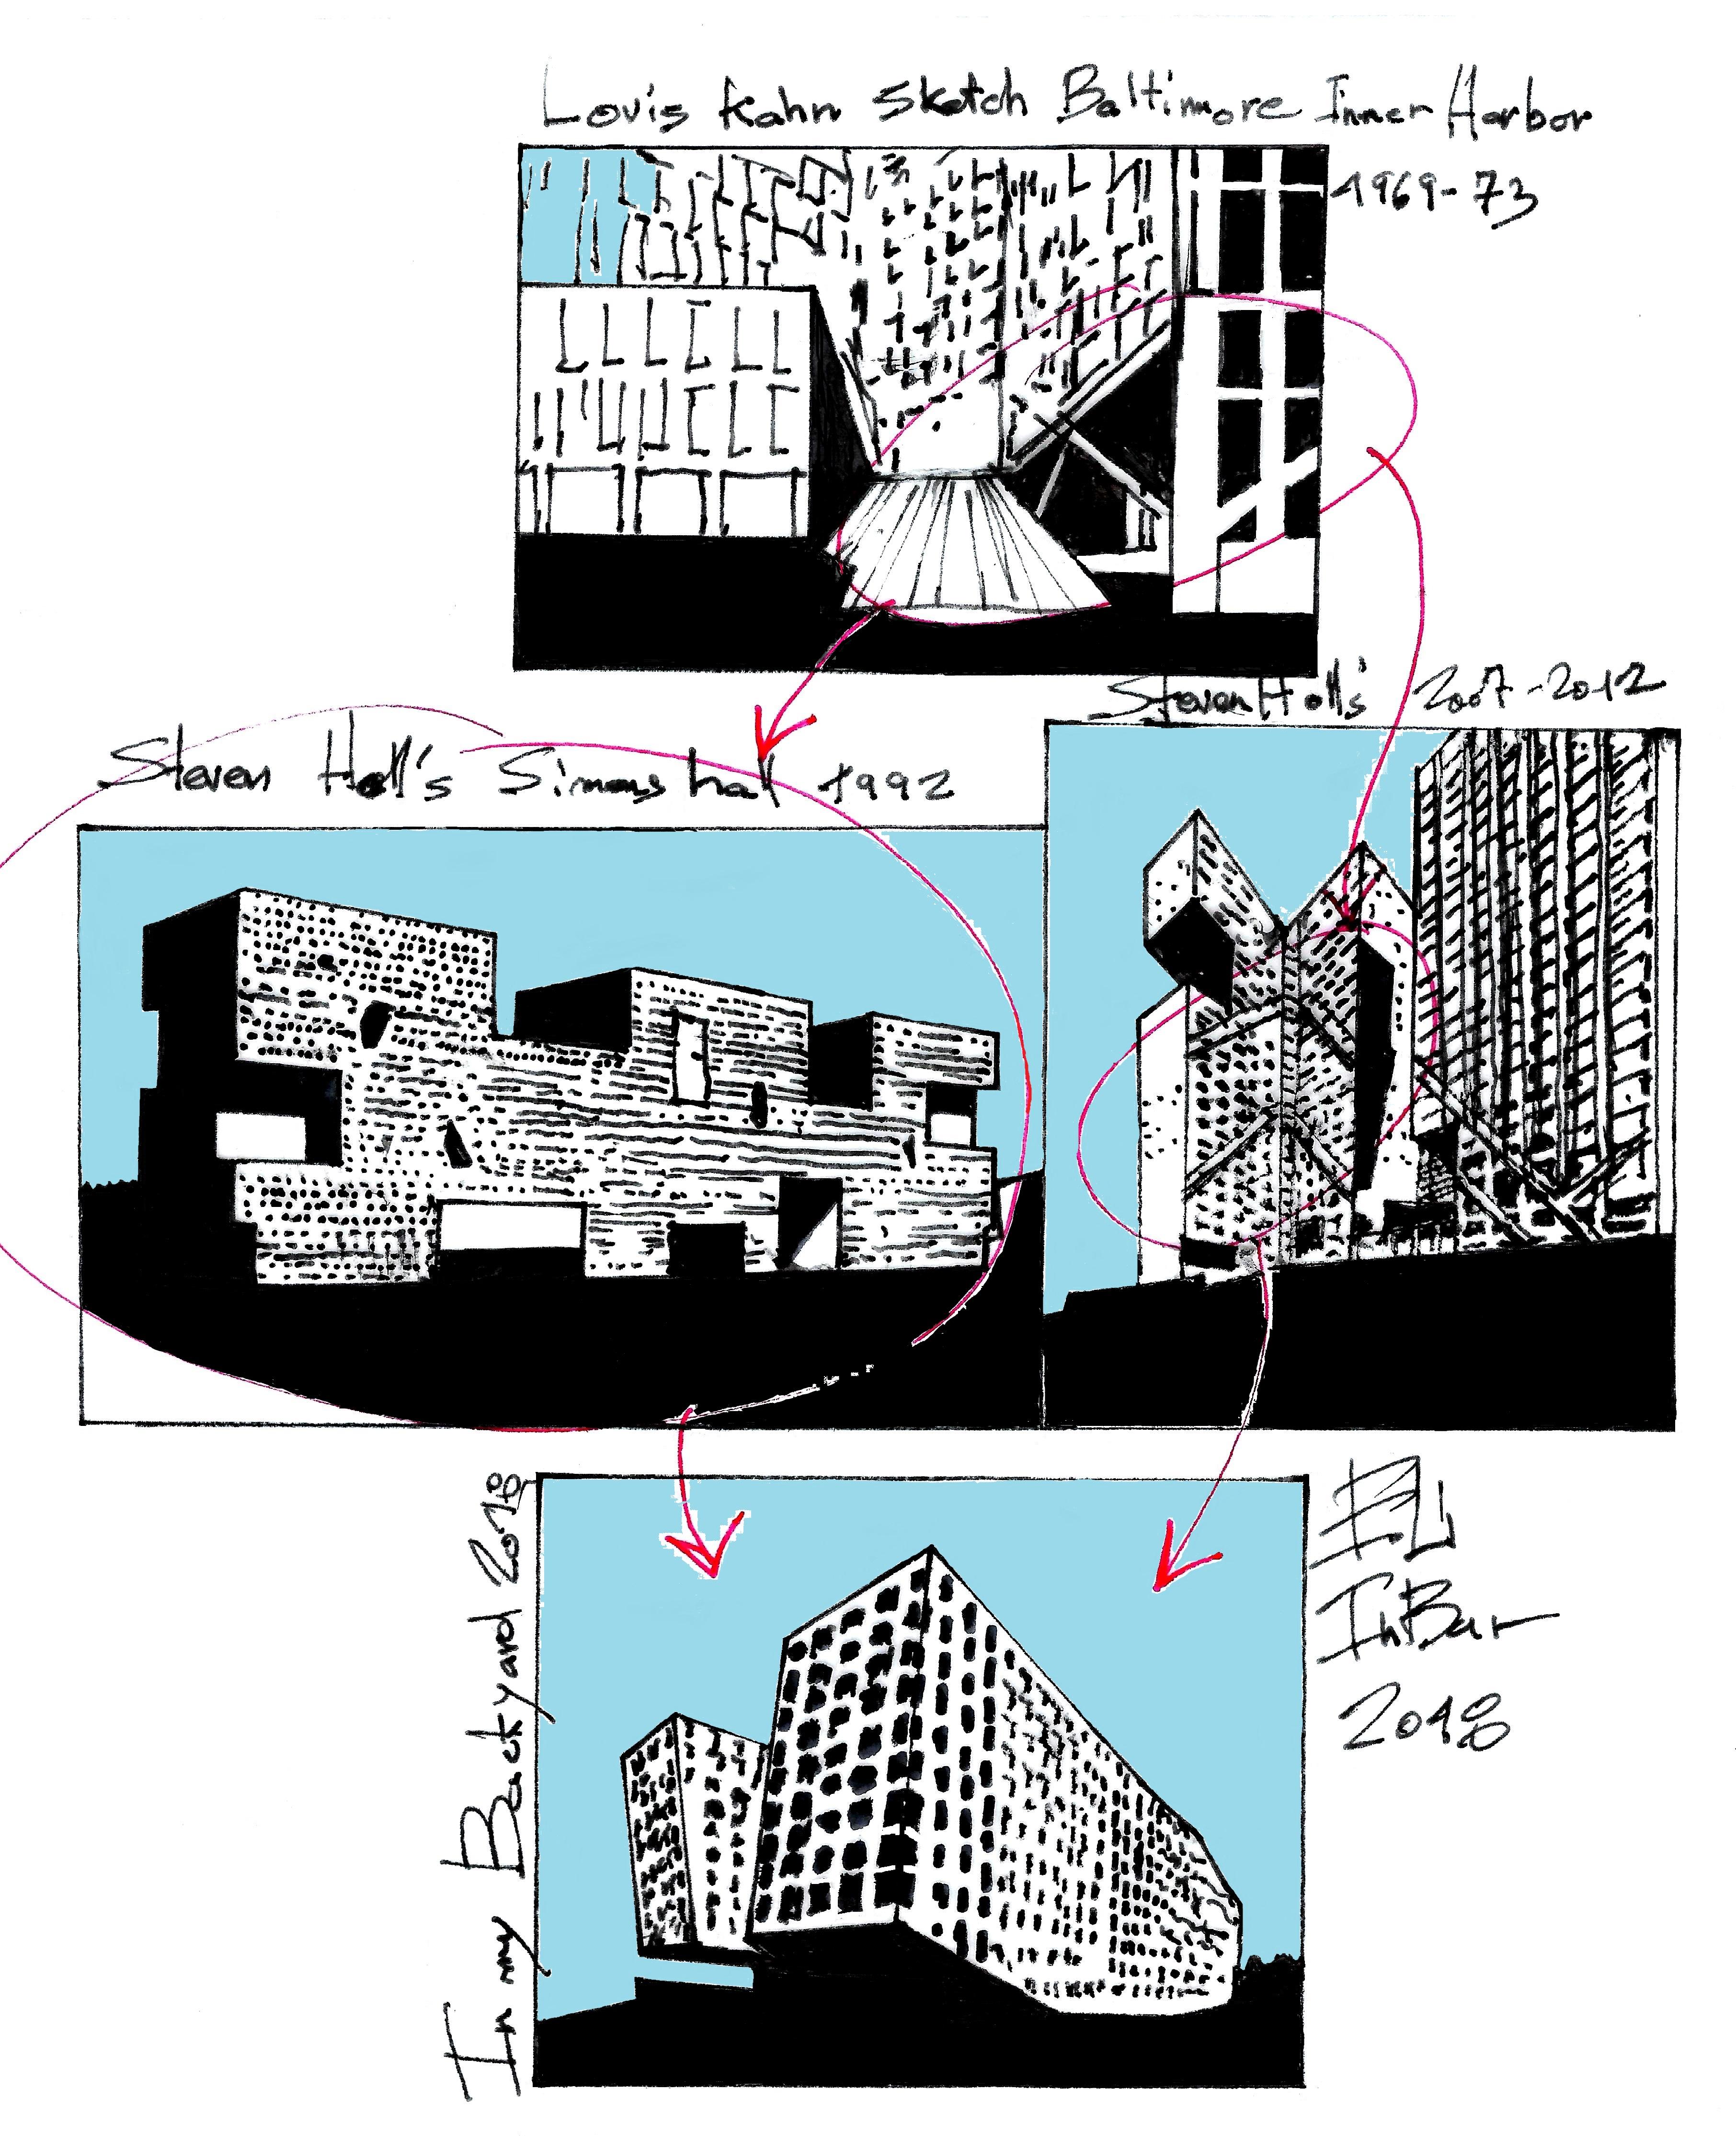 Eliinbar Sketches Steven Holl Luis Kahn - עותק